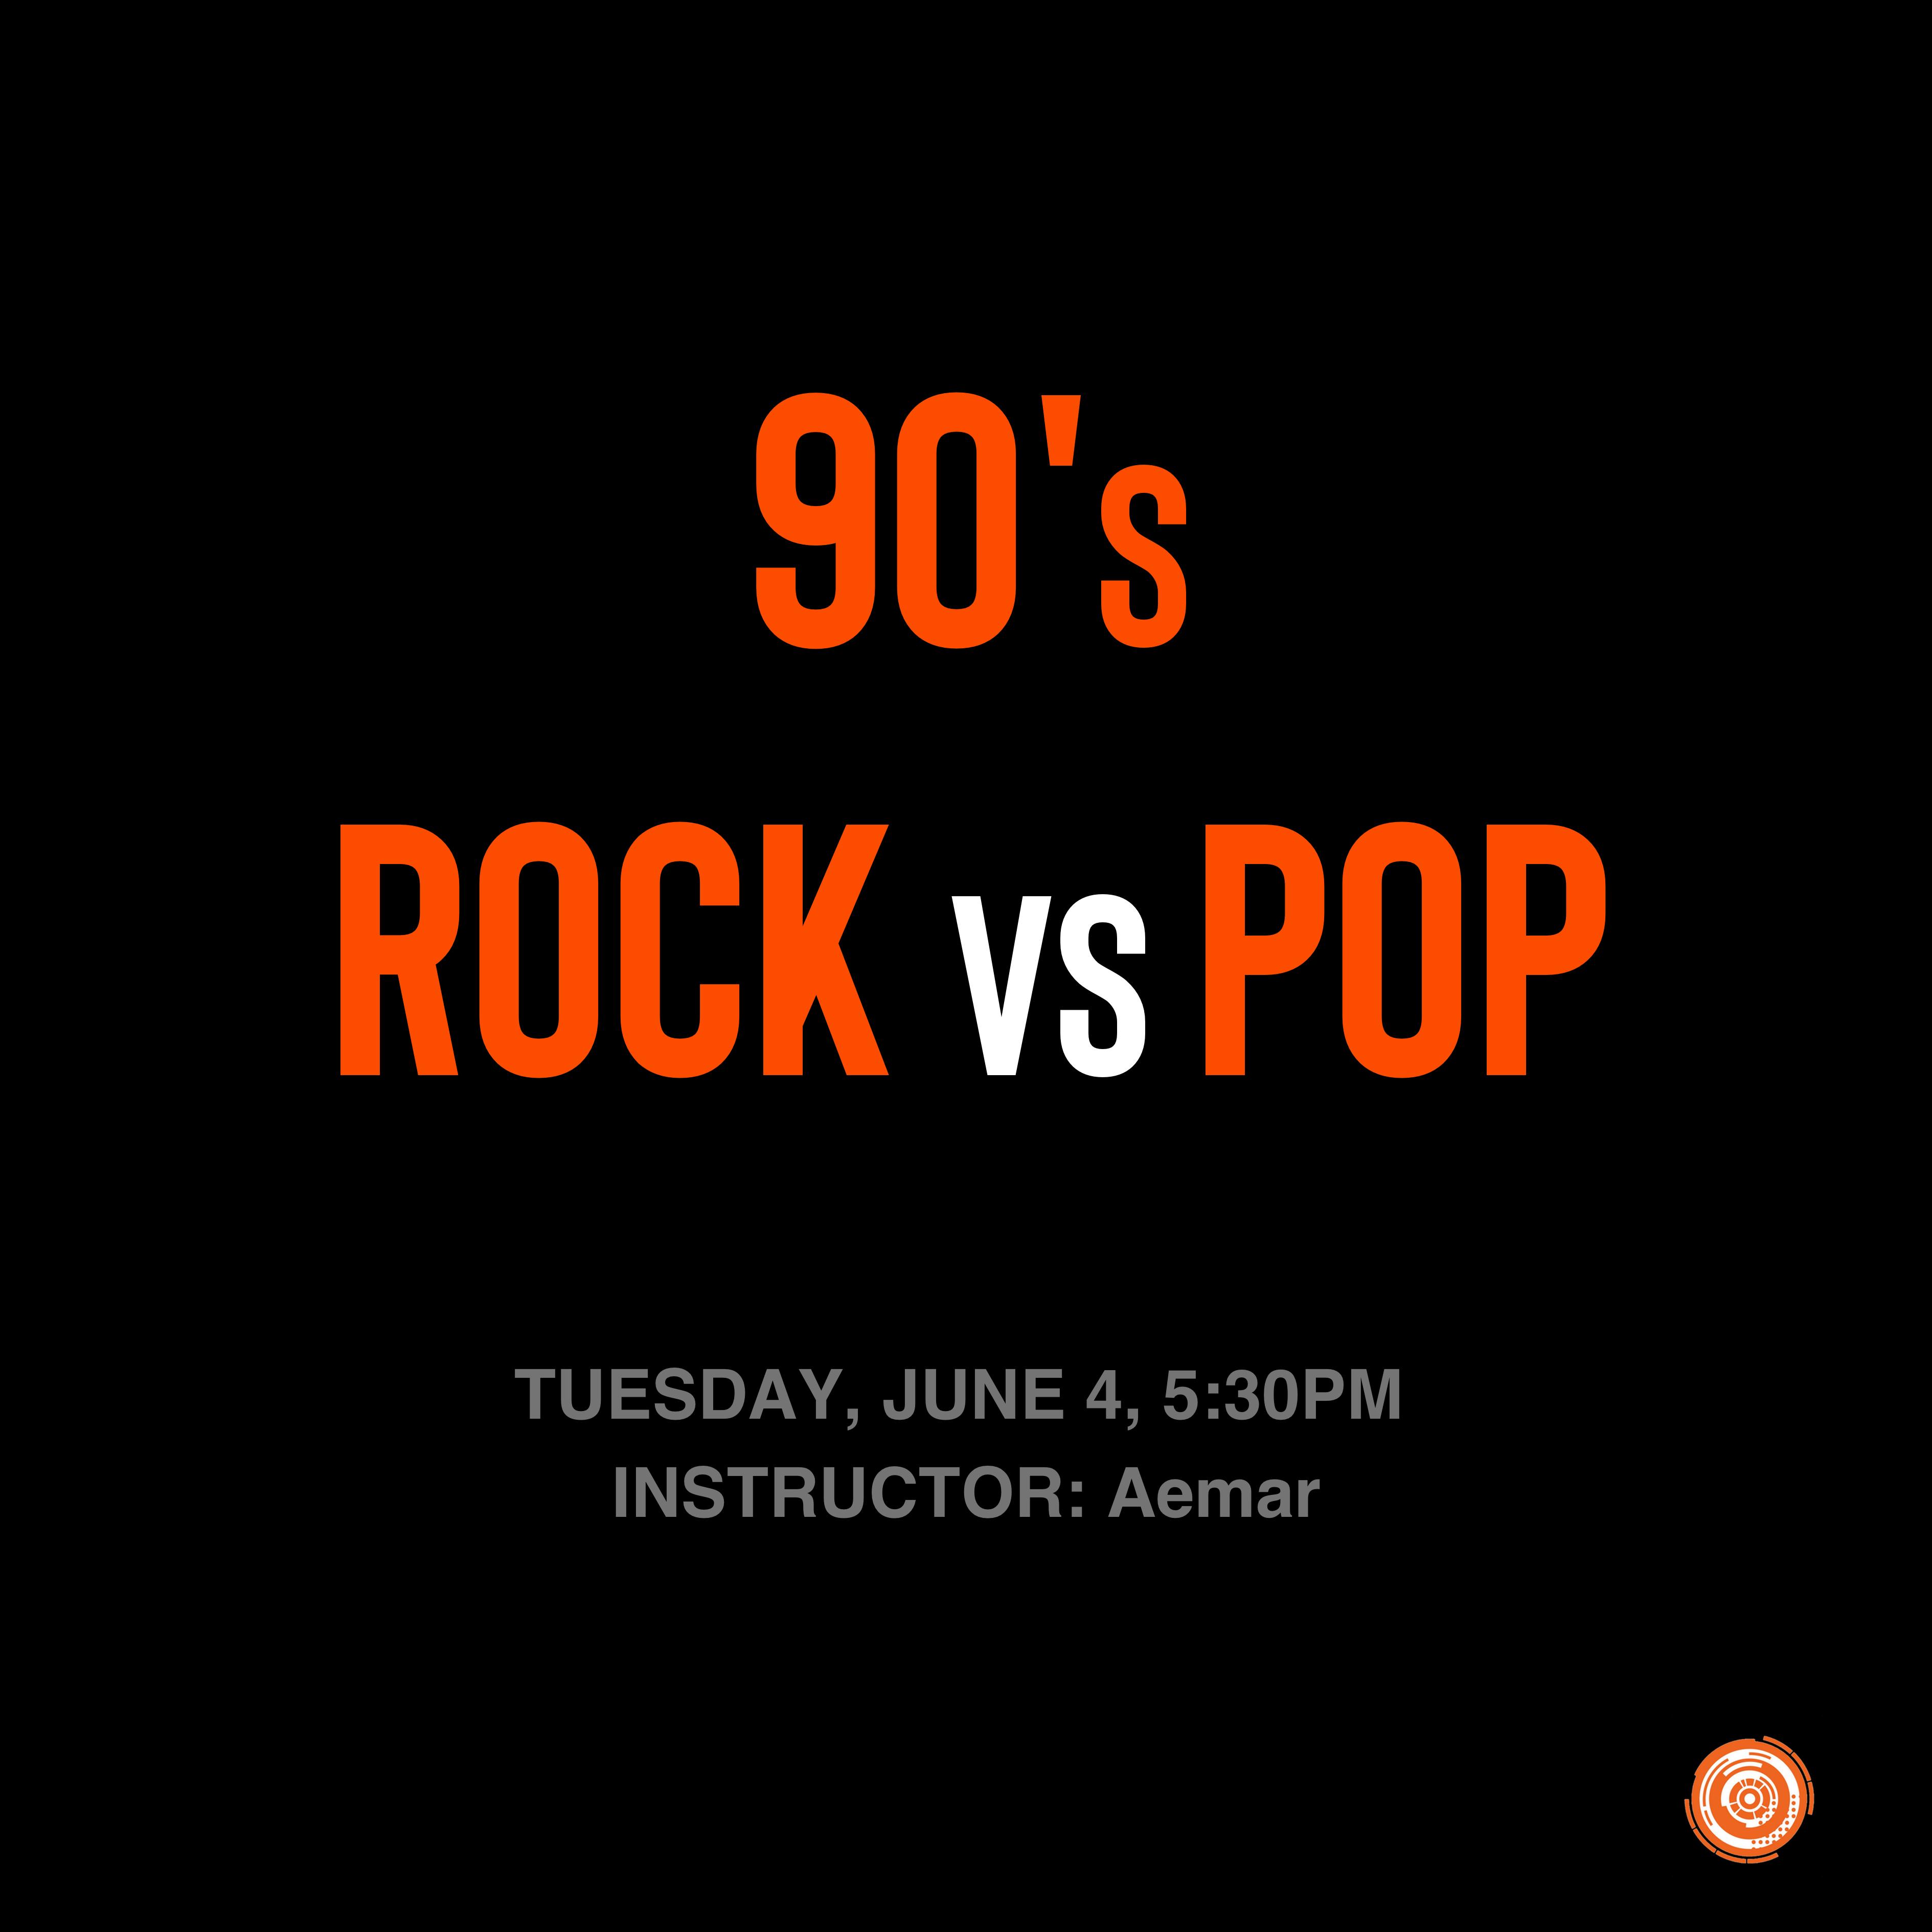 90's Rock vs 90's Pop